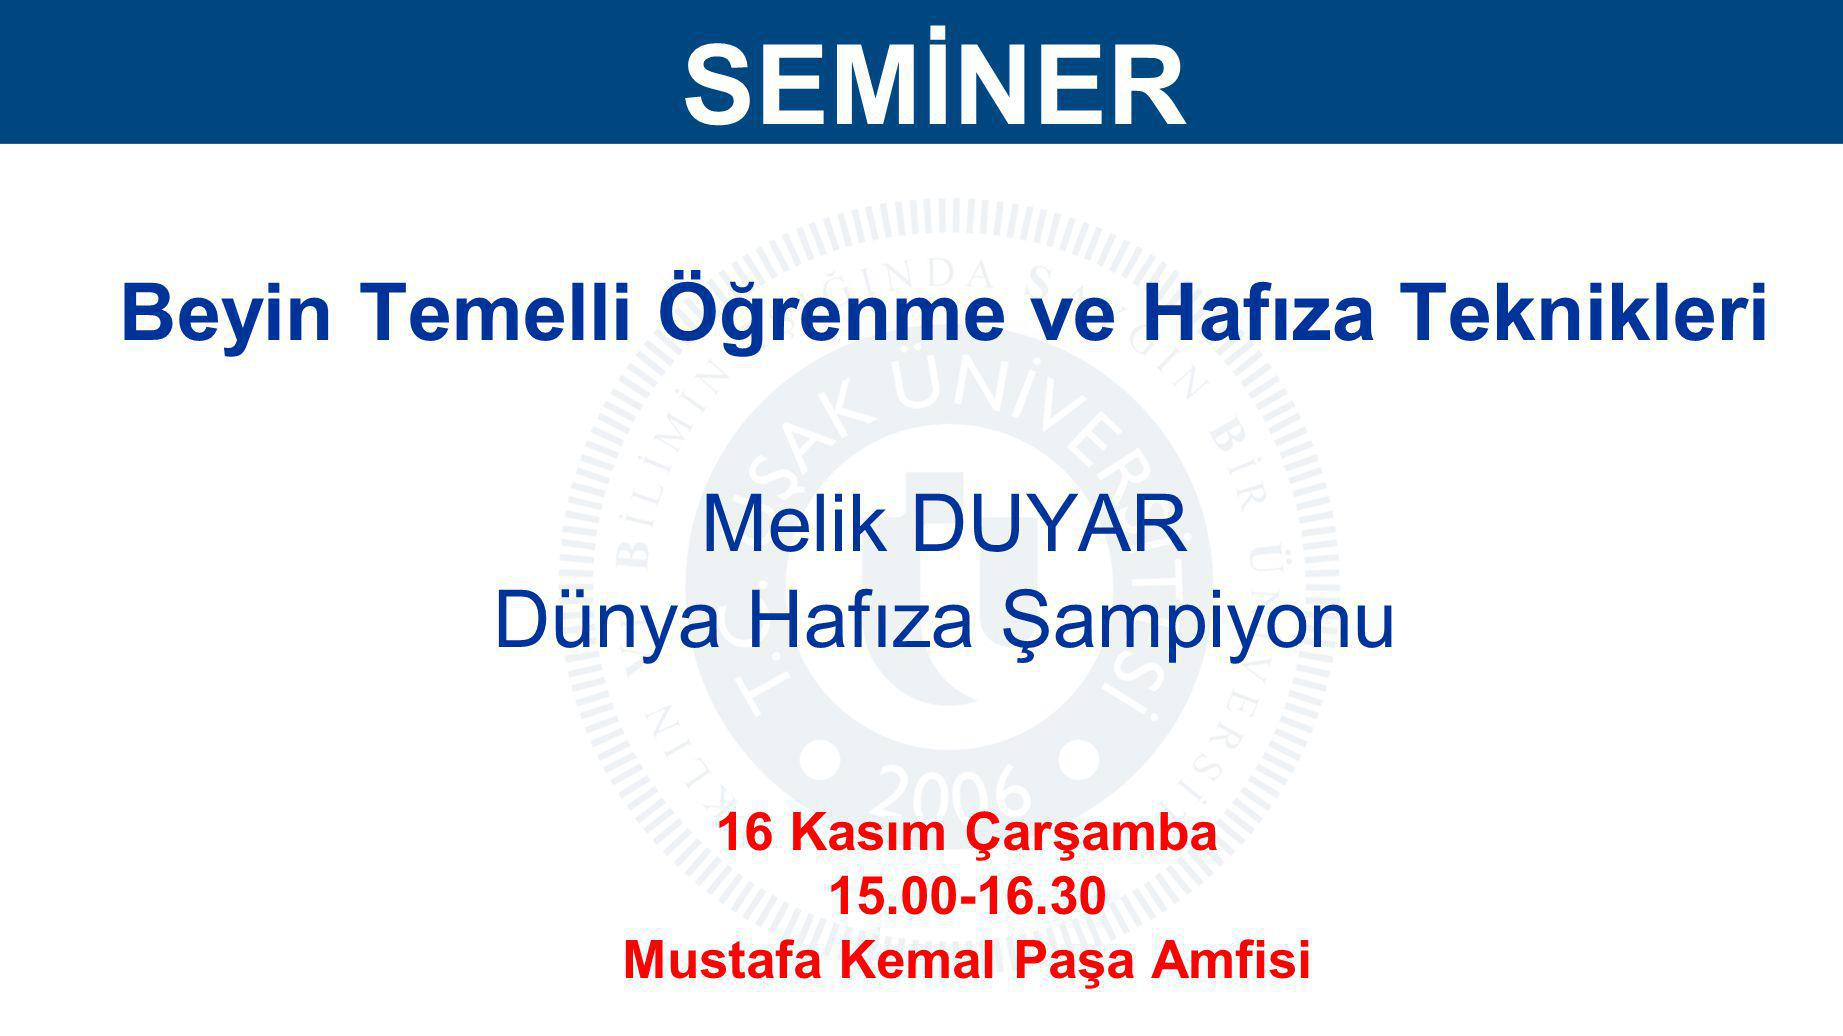 DUYURU Okul Takımı Seçmeleri Futbol okul takımı seçmeleri 16.11.2011 Çarşamba günü saat 13.00 da Kalfa Korusu Futbol Sahasında yapılacaktır.